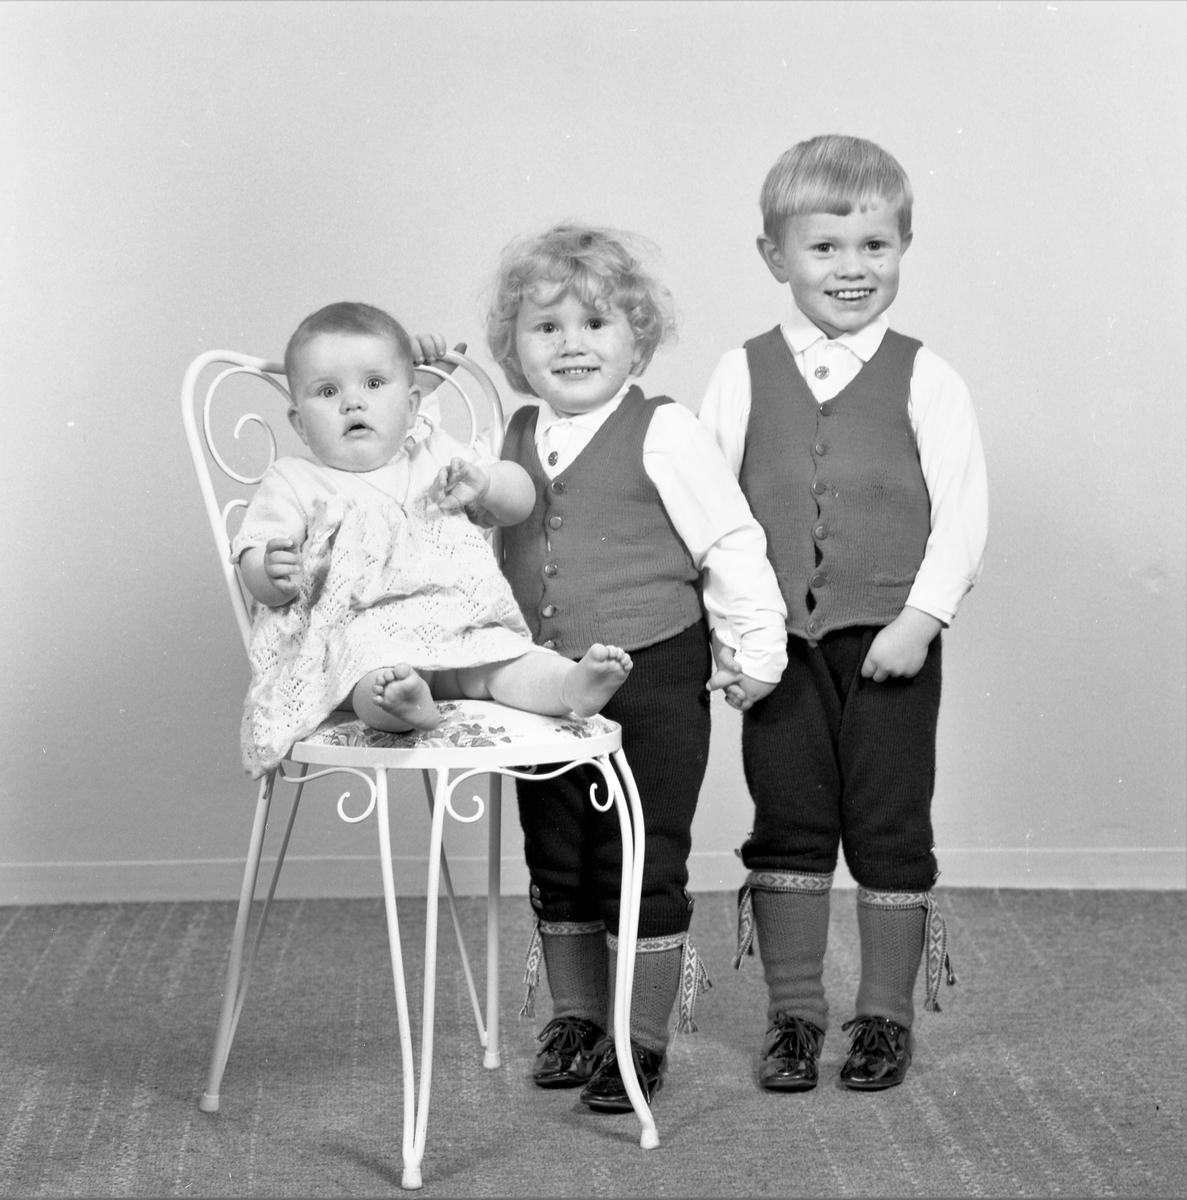 Portrett. Familiegruppe på tre. To unge gutter og en liten pike. Bestilt av Knut Ruset. Øvregata 199